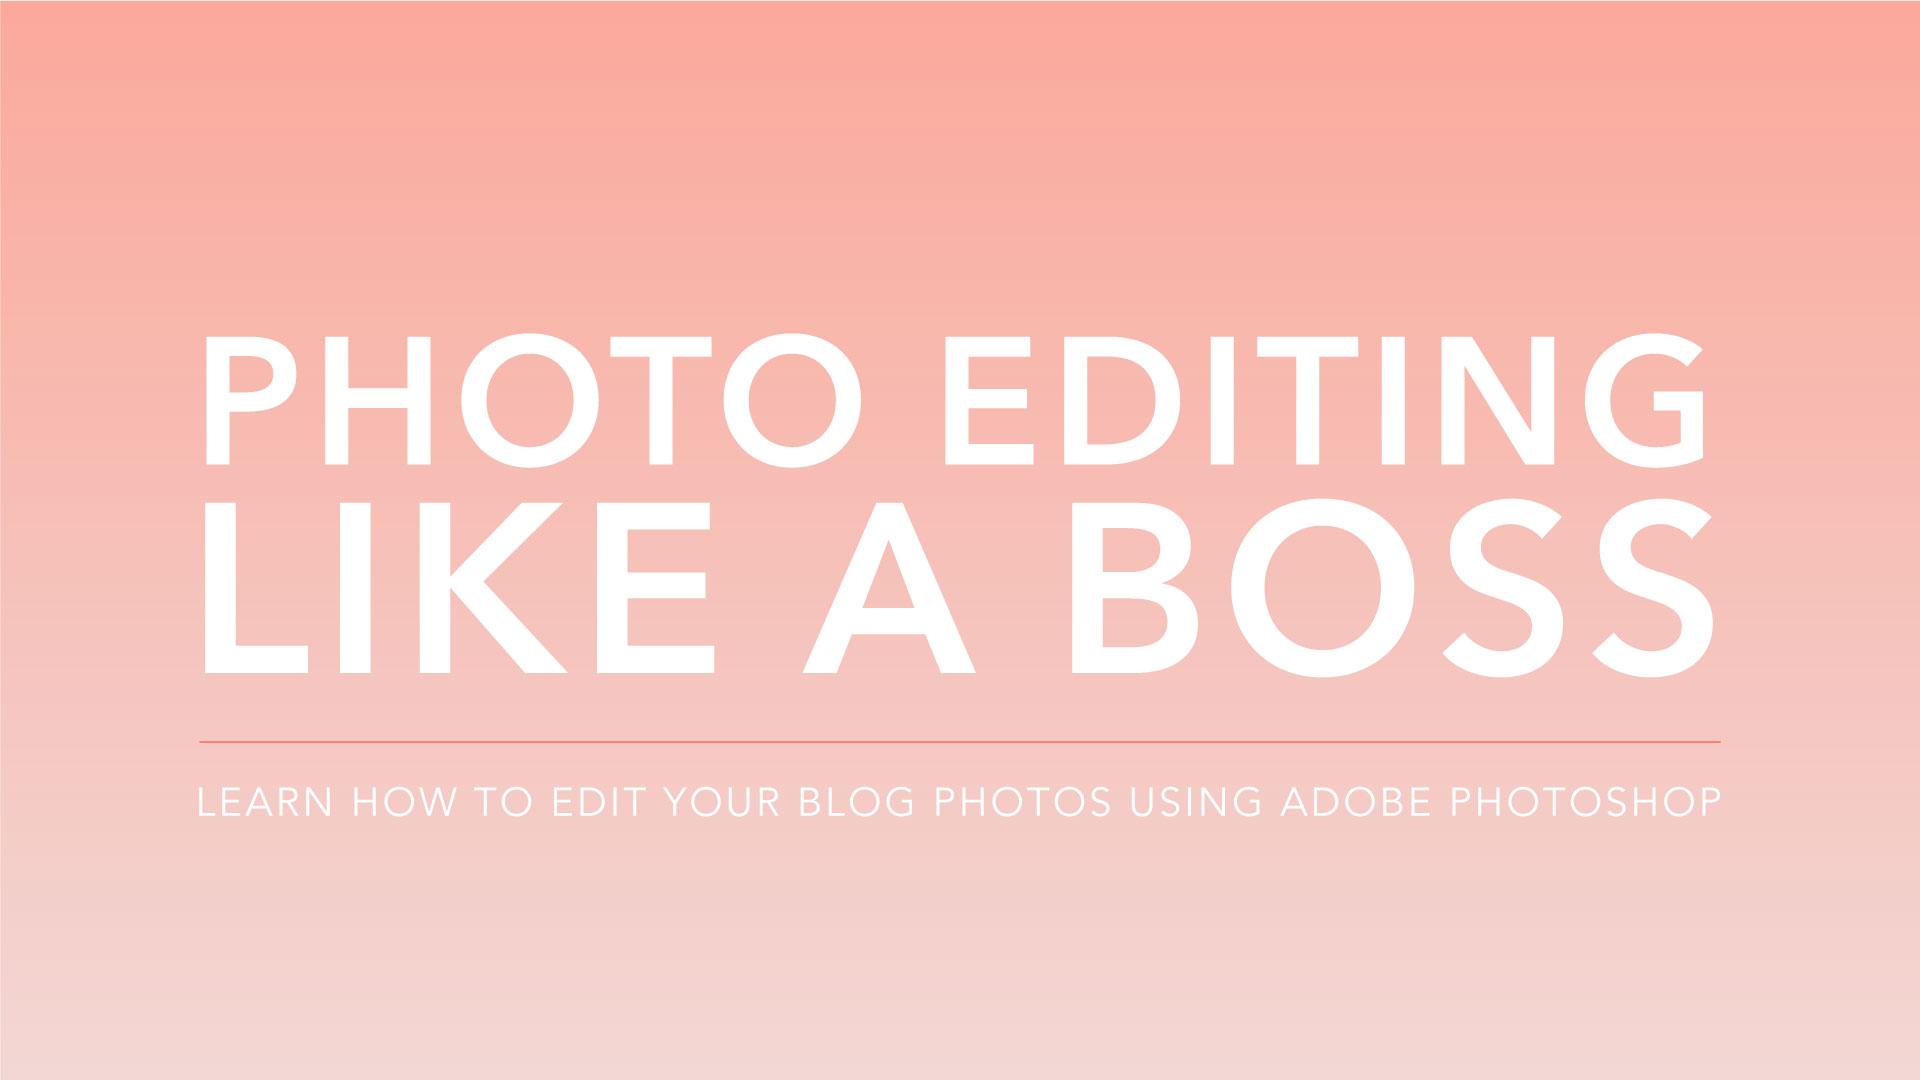 Photo Editing Like a Boss